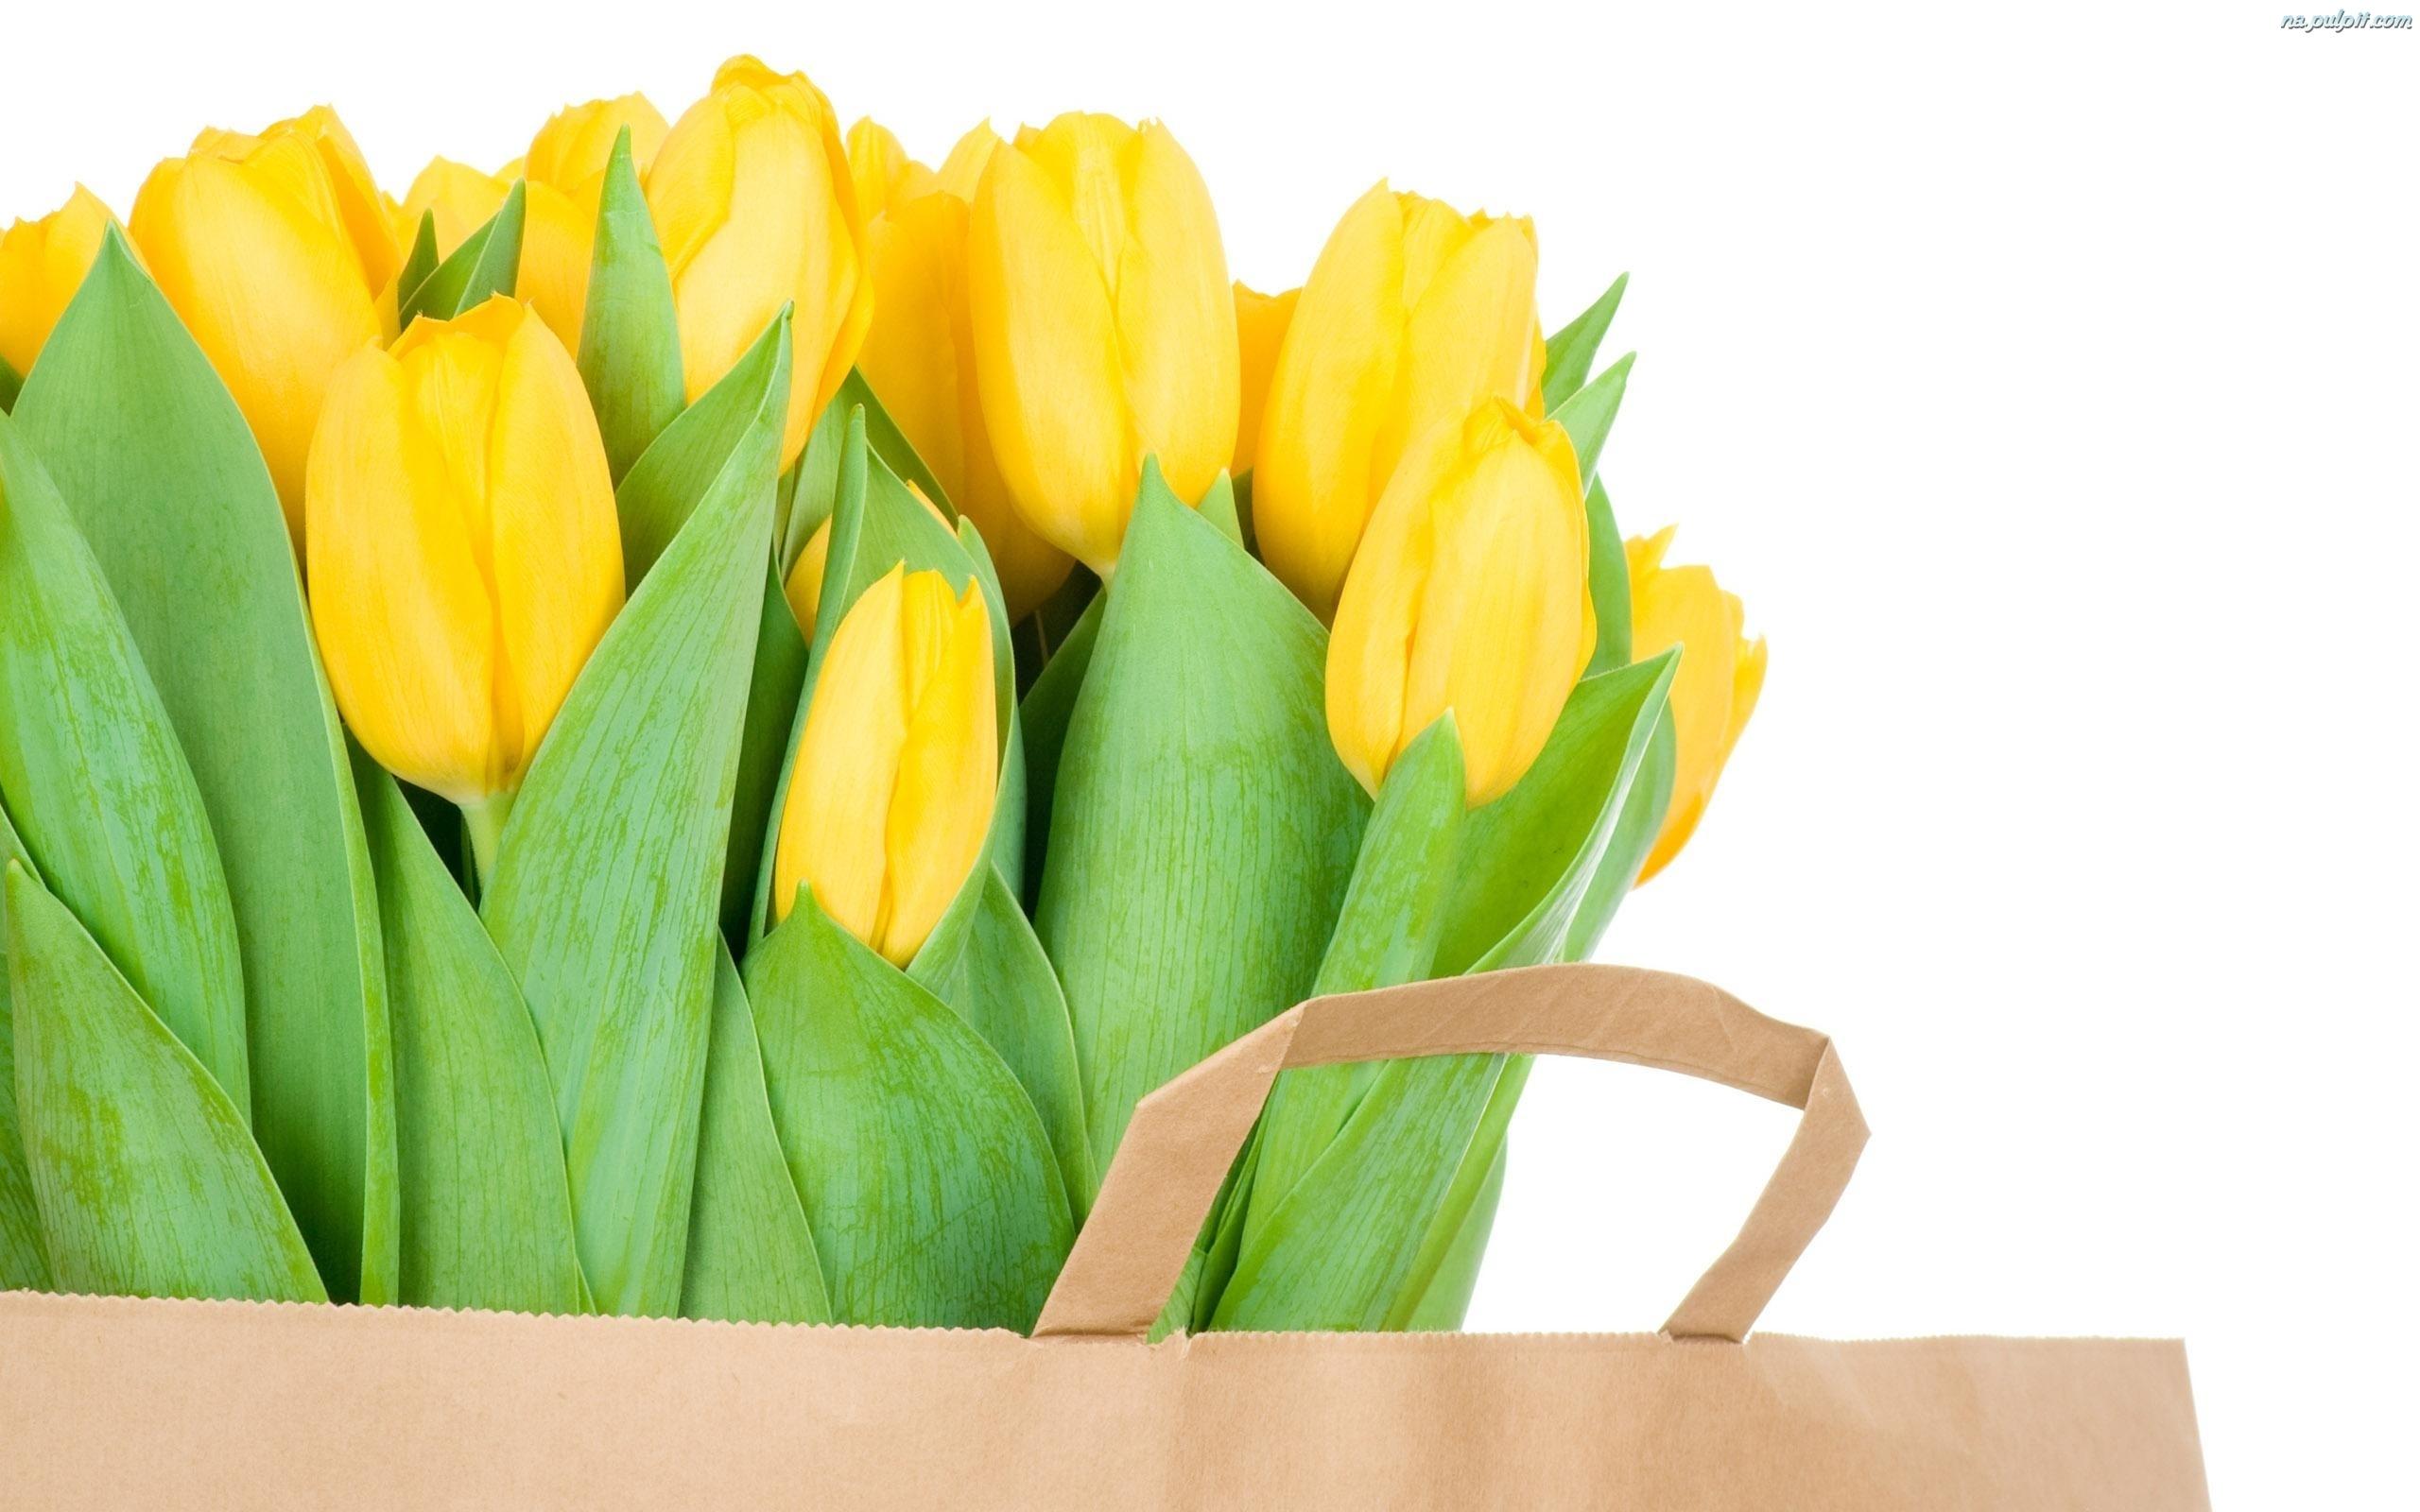 ... tulipany-papierowa.na-pulpit.com/zdjecia/torba-olte-tulipany-papierowa